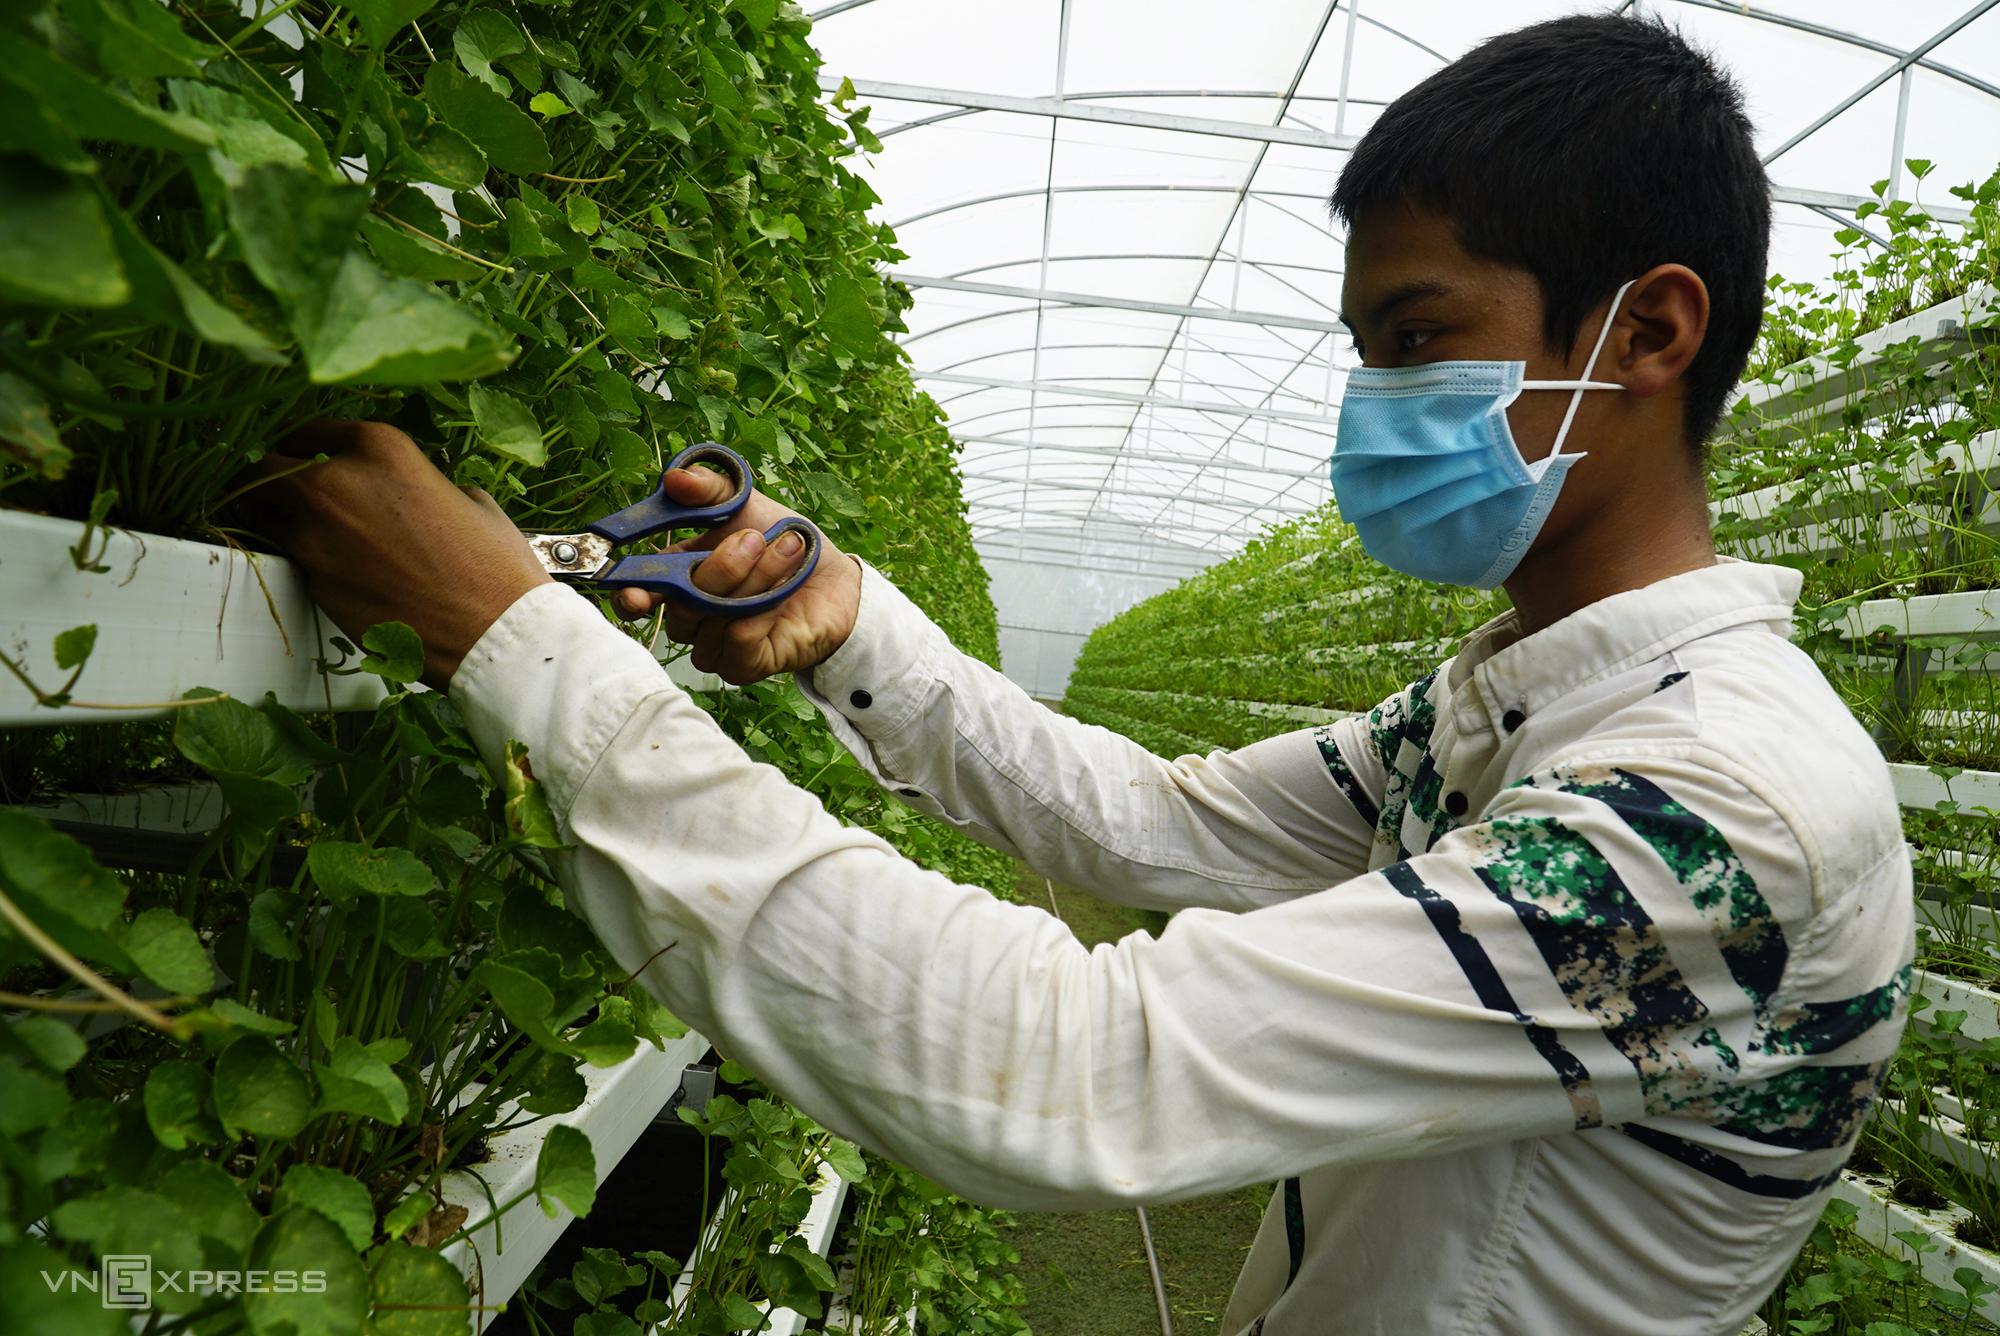 Nhân công thu hoạch rau má tại vườn, trung bình mỗi ngày thu 100 kg. Ảnh: Ngọc Tài